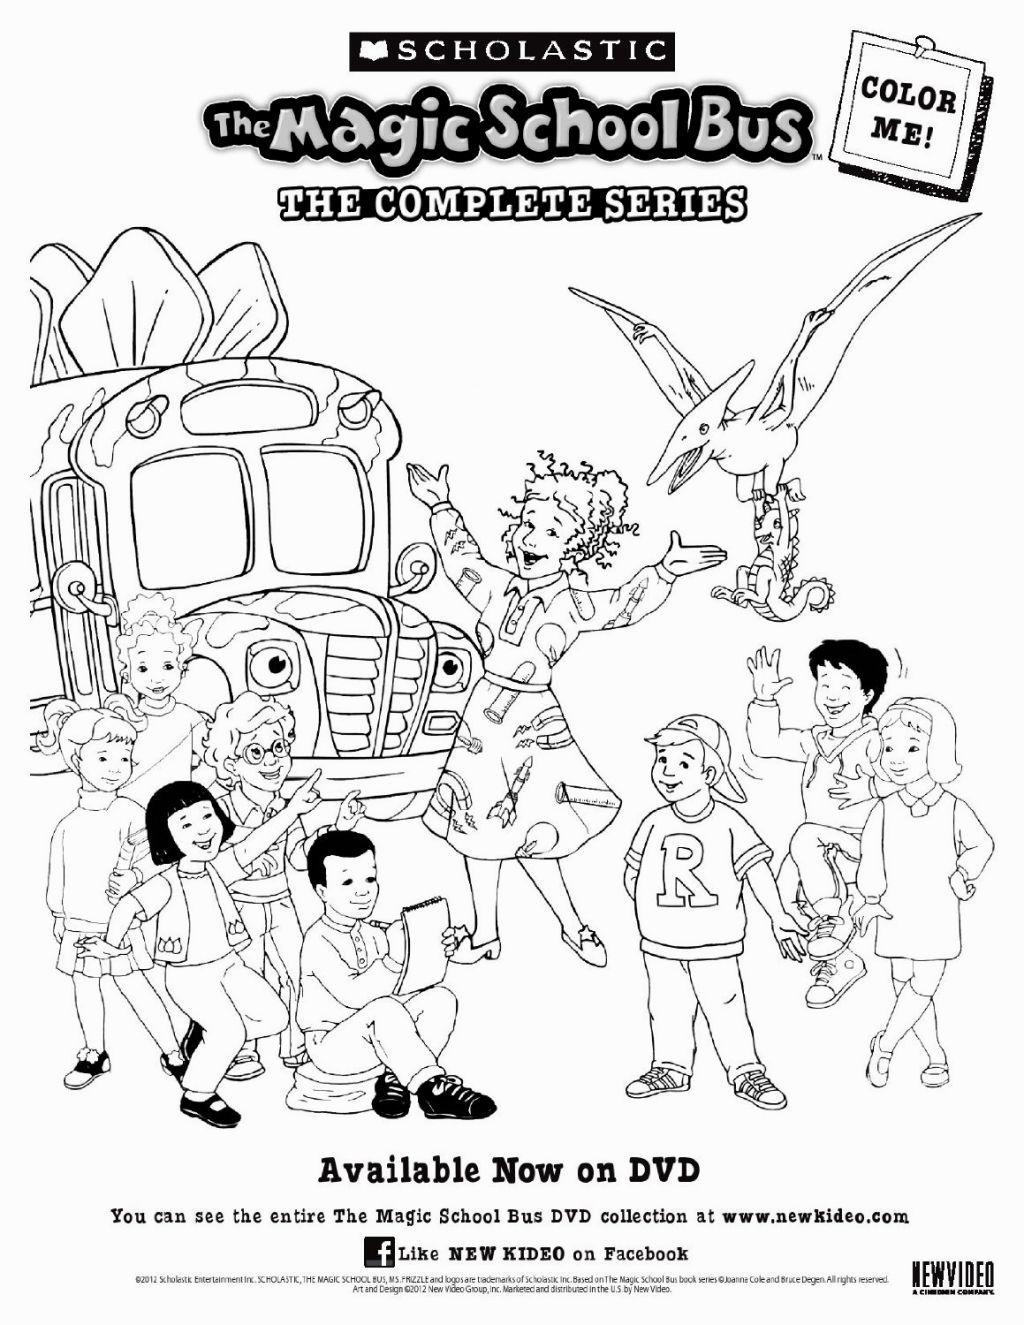 Magic School Bus Coloring Page Magic School Bus Coloring Pages Printable Coloring Pages